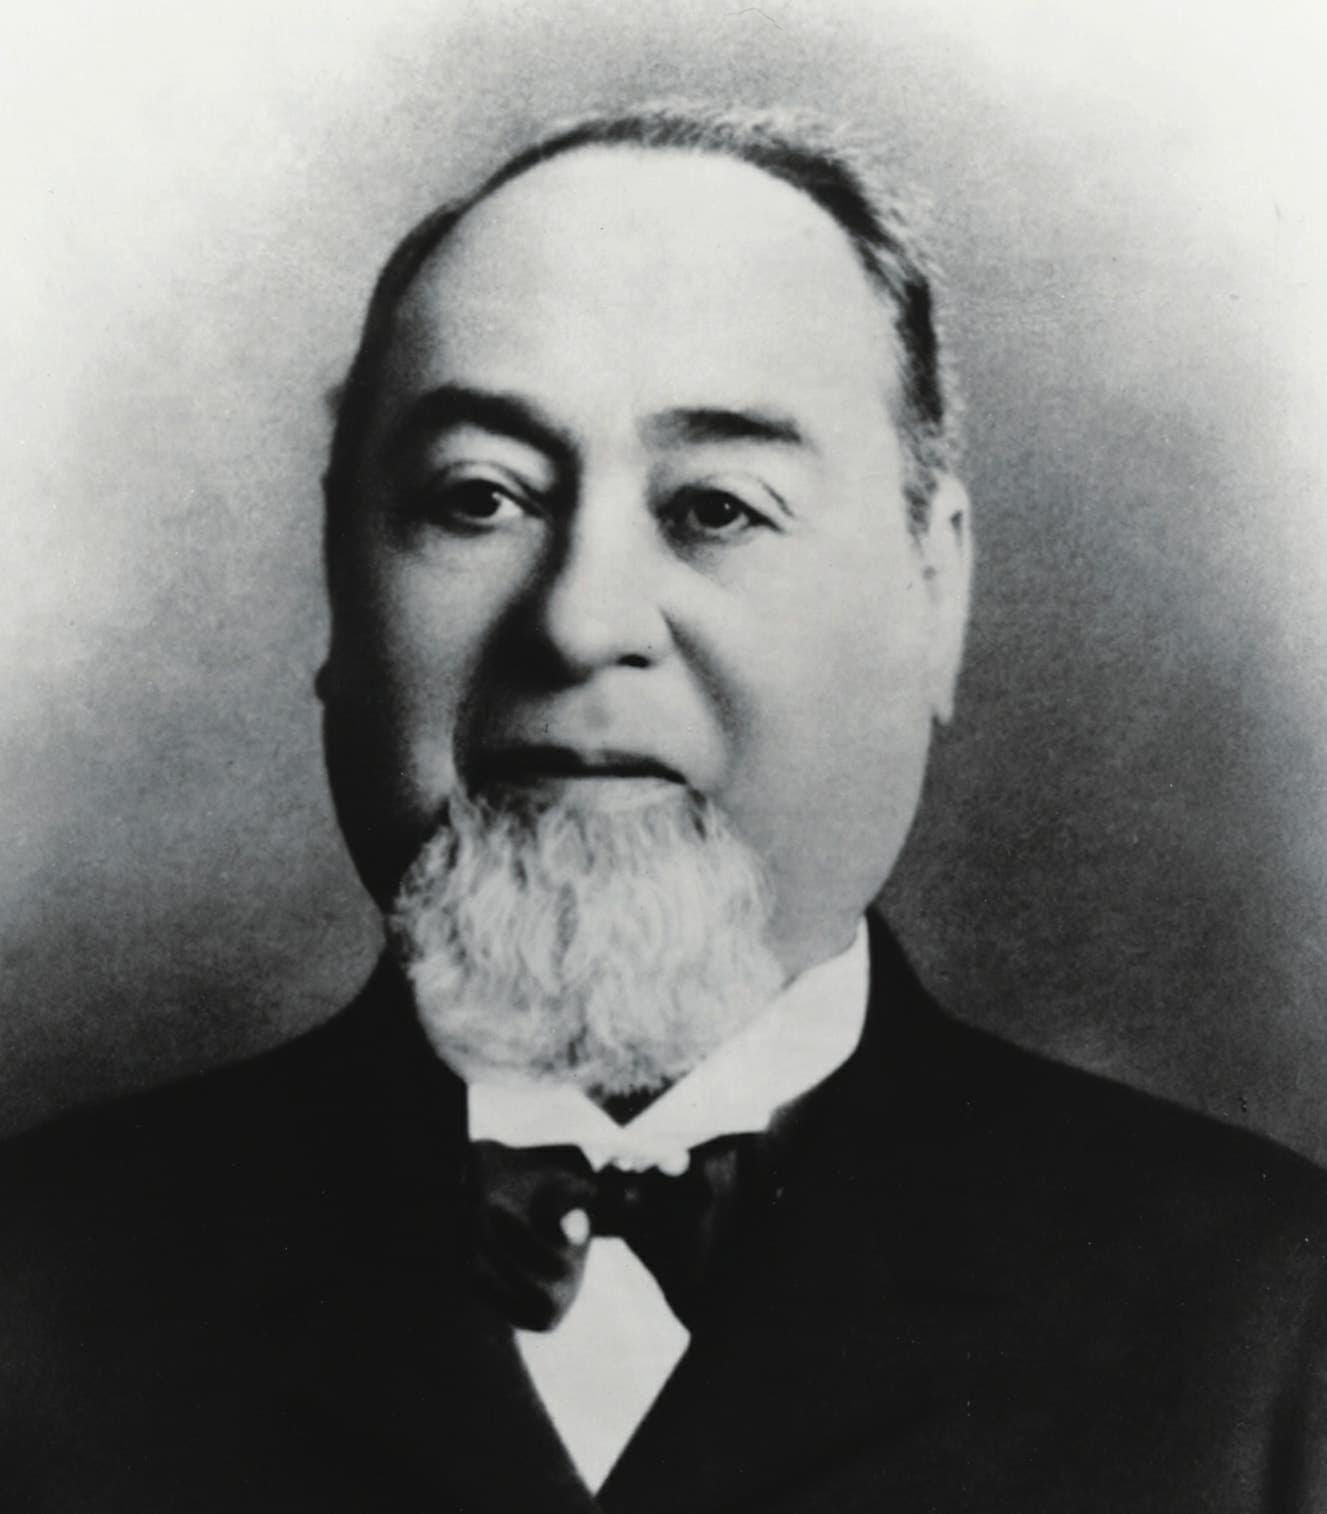 Levi Strauss, fondateur de la marque Levi's